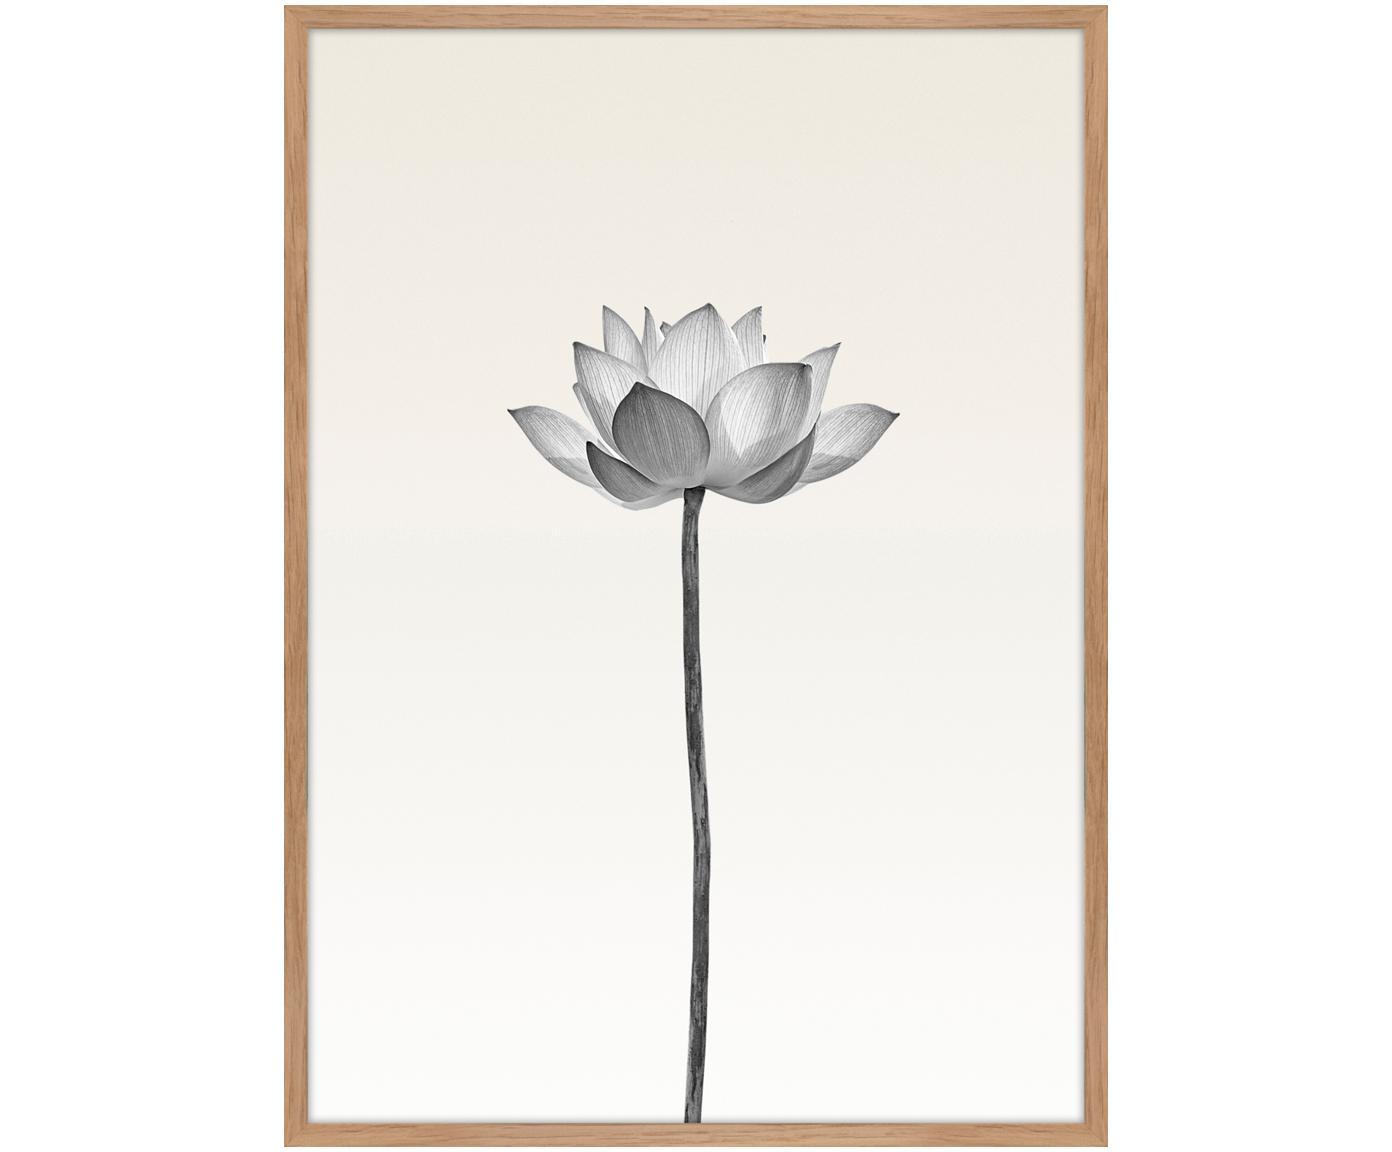 Gerahmter Digitaldruck Lotus, Bild: Digitaldruck auf Papier (, Rahmen: Hochdichte Holzfaserplatt, Schwarz, Weiß, Beige, 50 x 70 cm